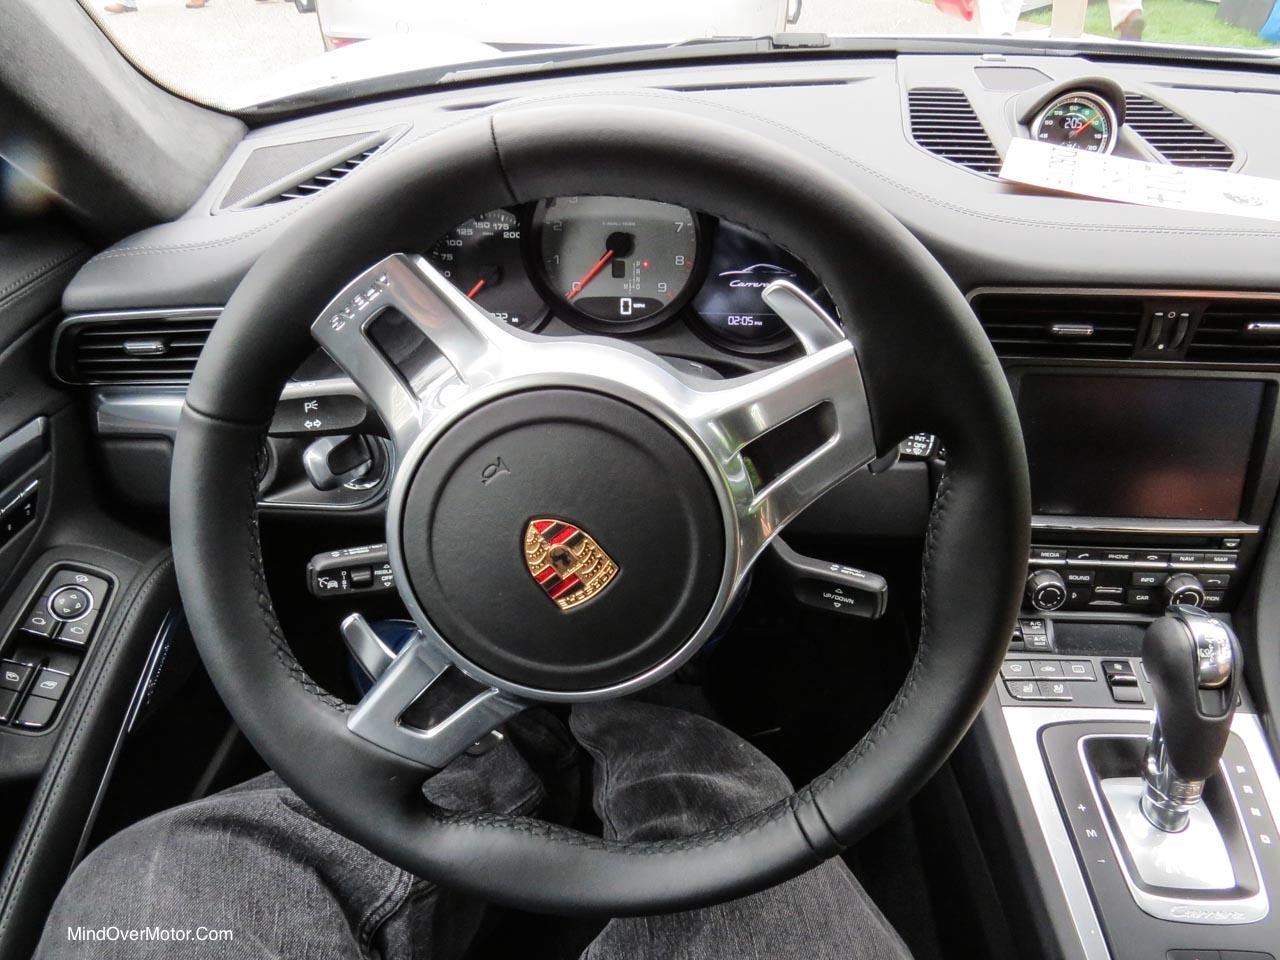 2014 Porsche 911 Carrera S Driver View